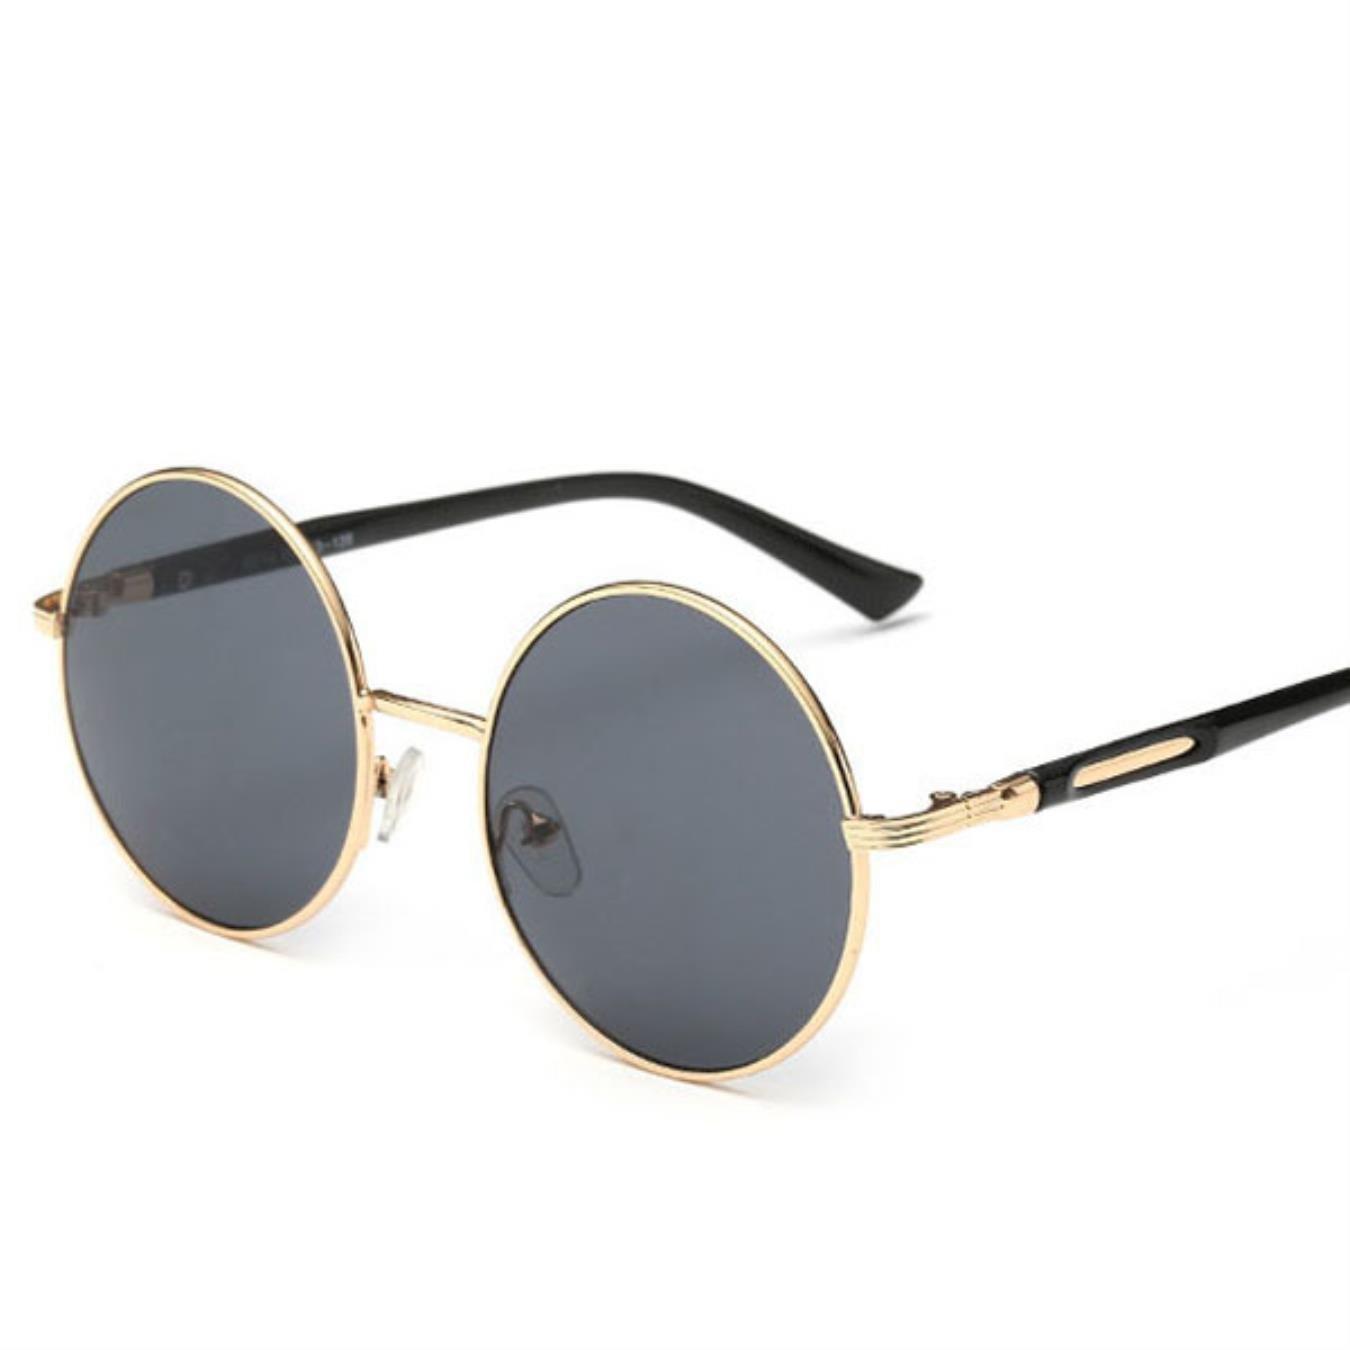 Amazon.com: Gafas de sol redondas para mujer, gafas de sol ...